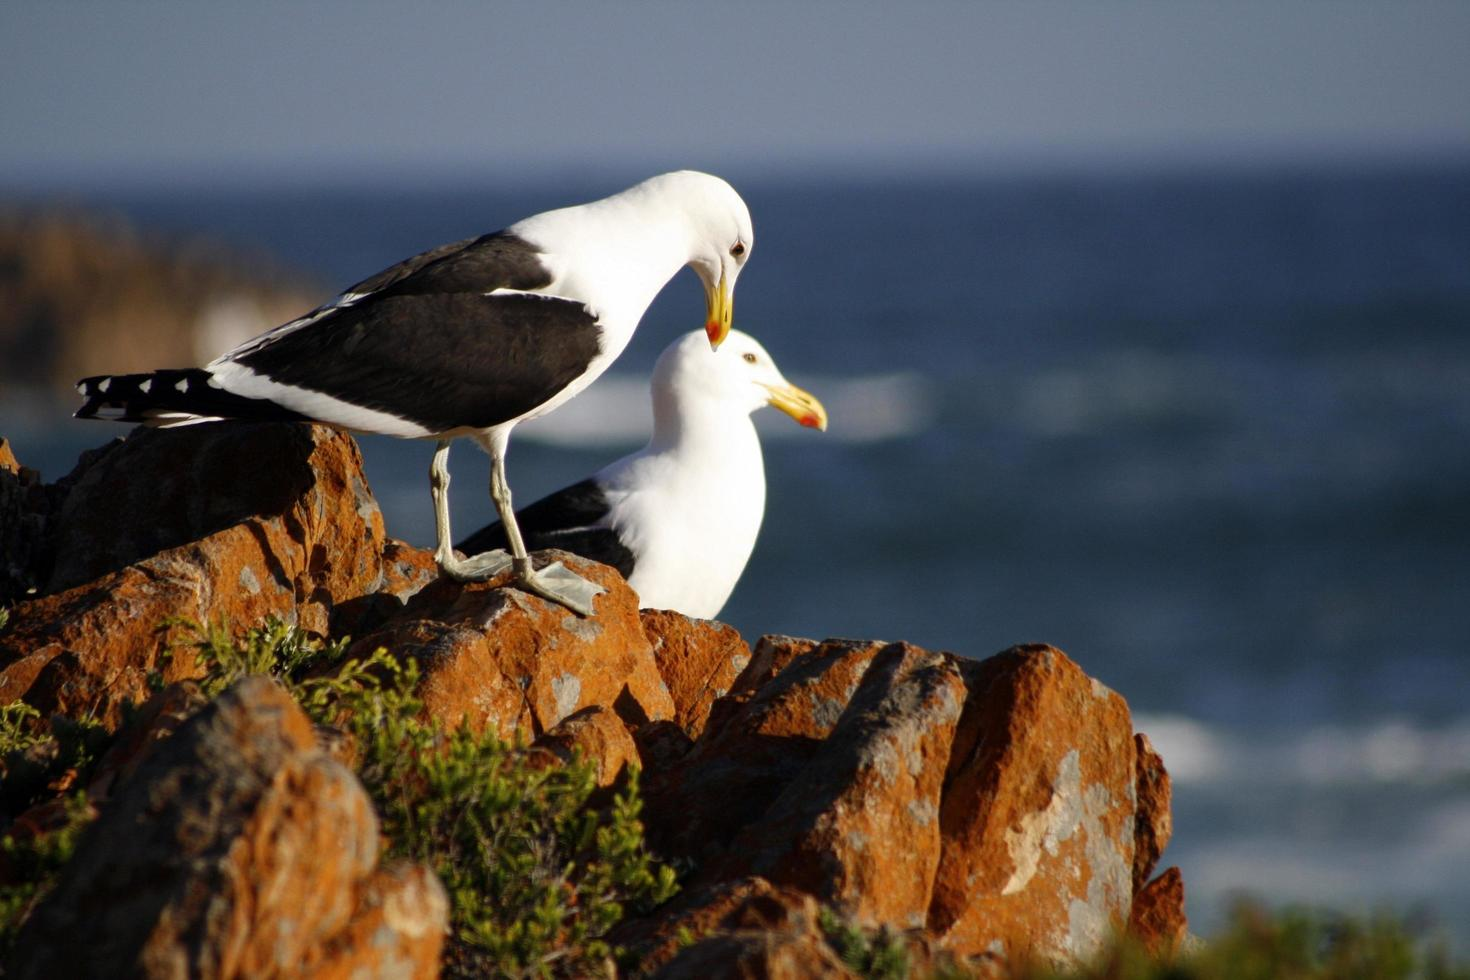 Seagulls on the rocky coast photo